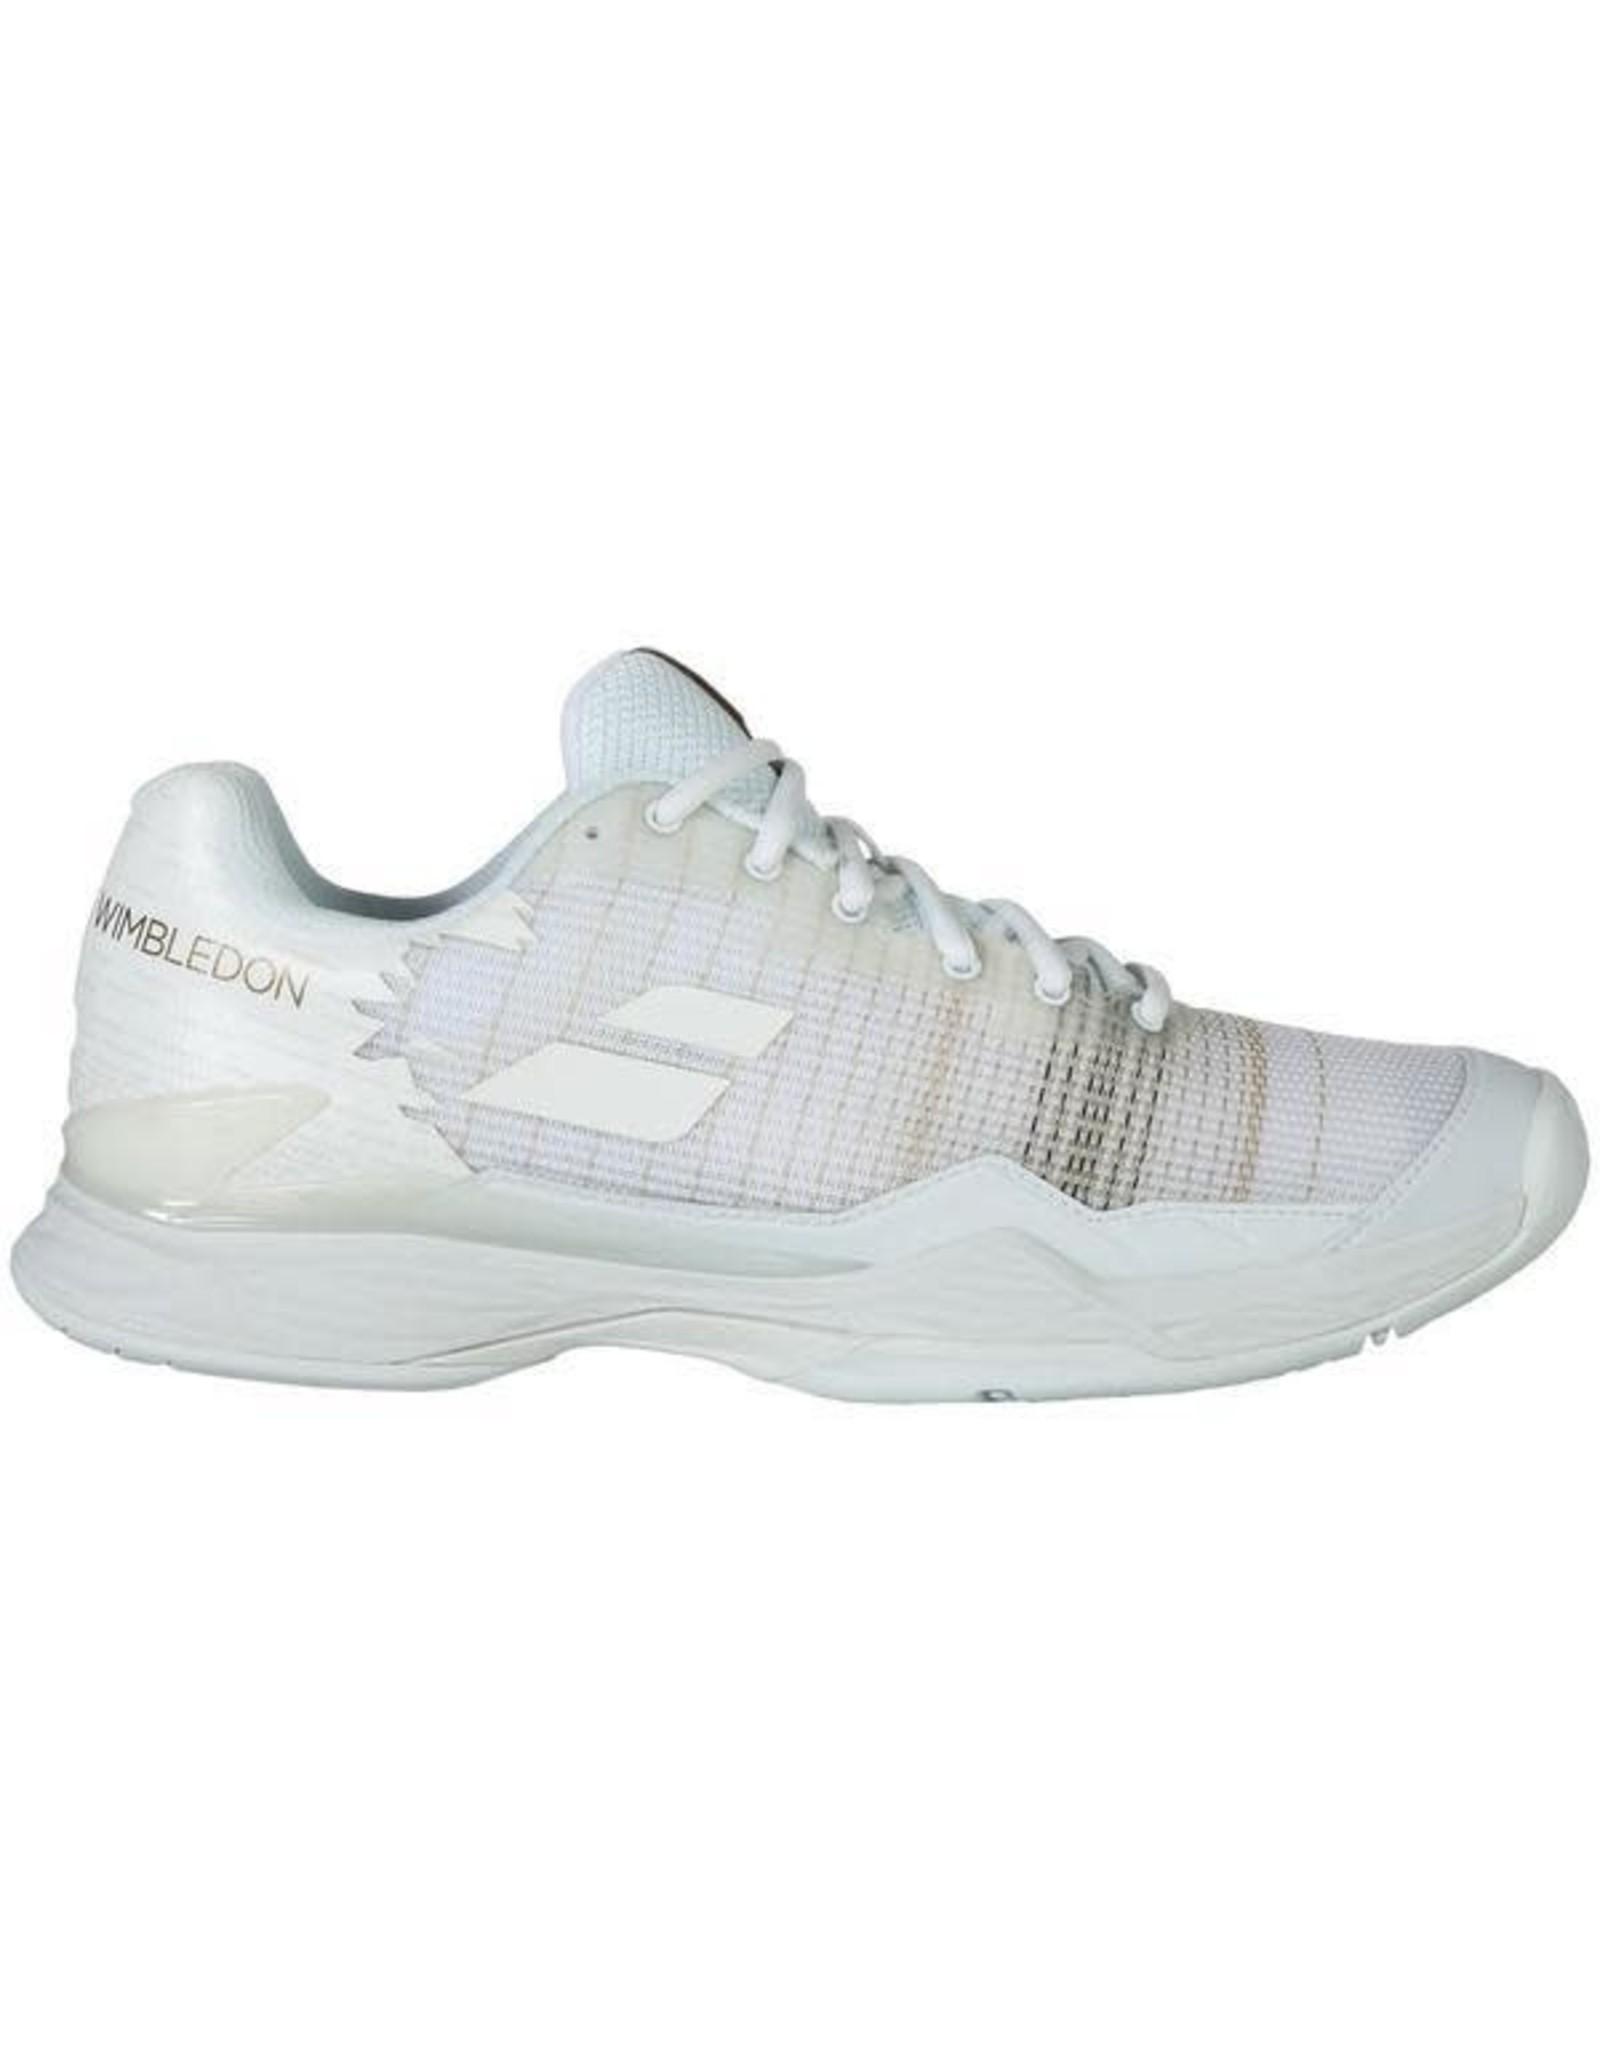 Babolat Babolat Jet All Court Junior Shoe